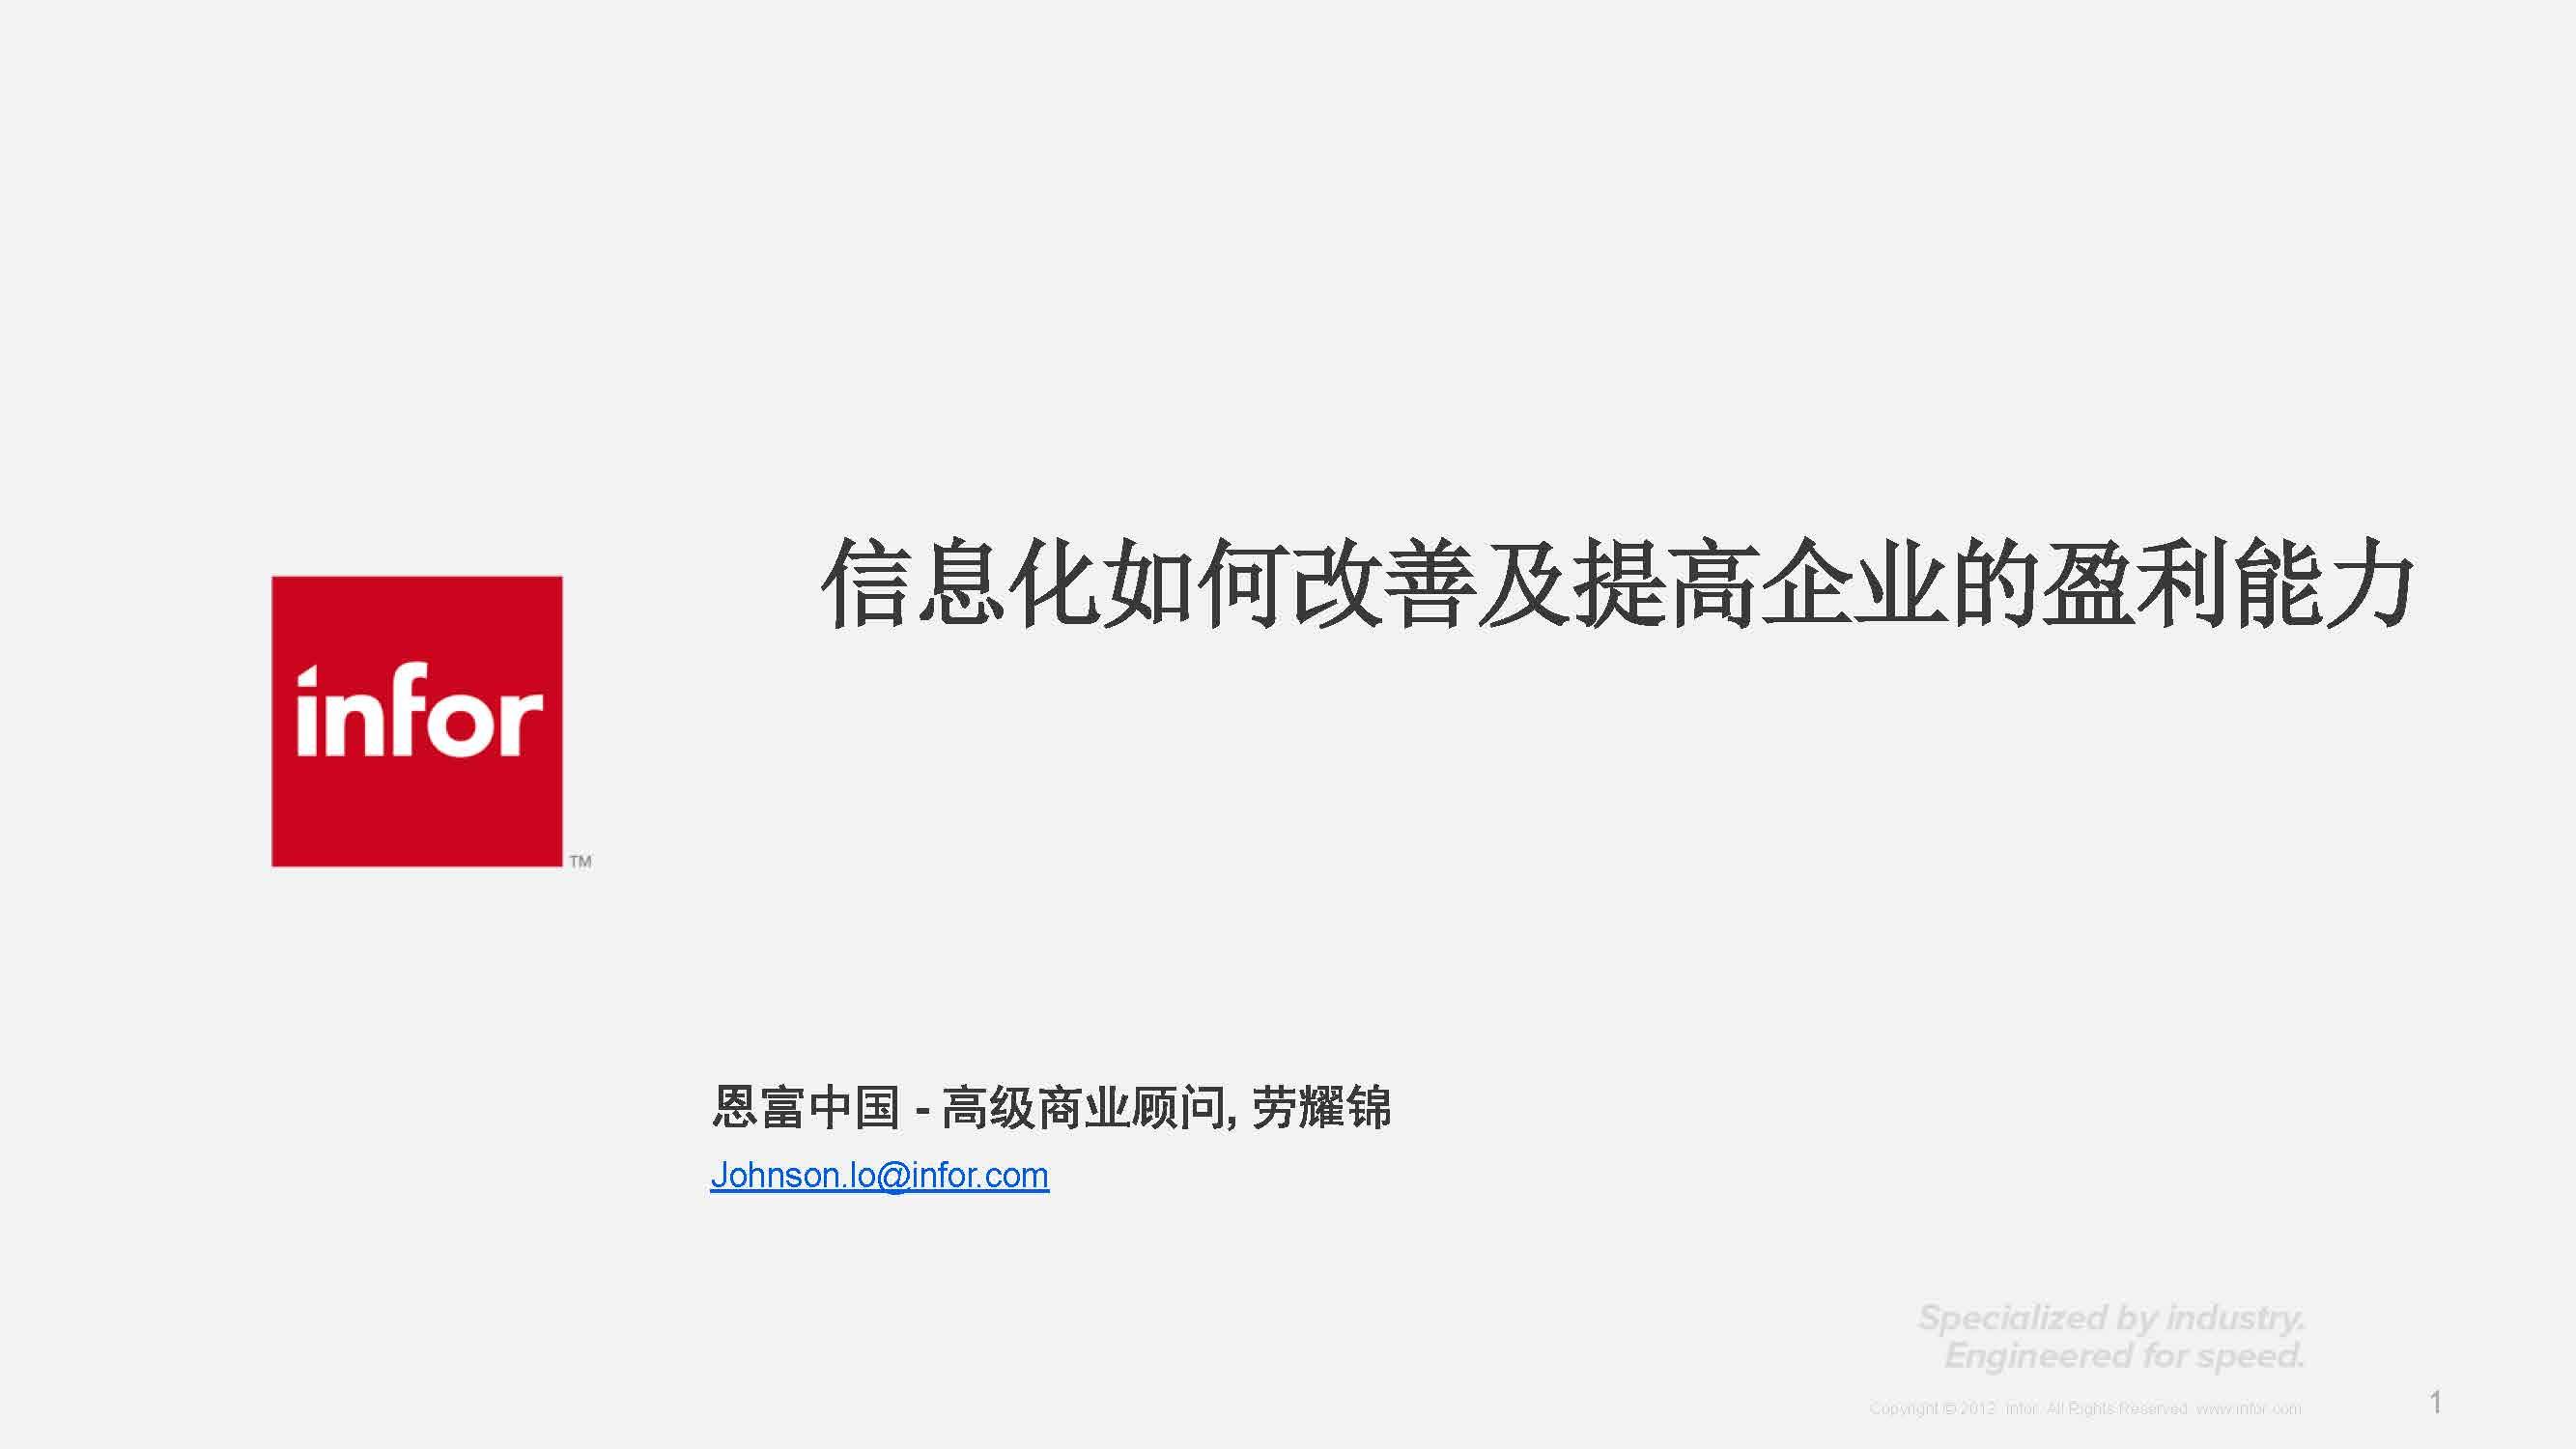 劳耀锦-信息化如何改善及提高企业的盈利能力